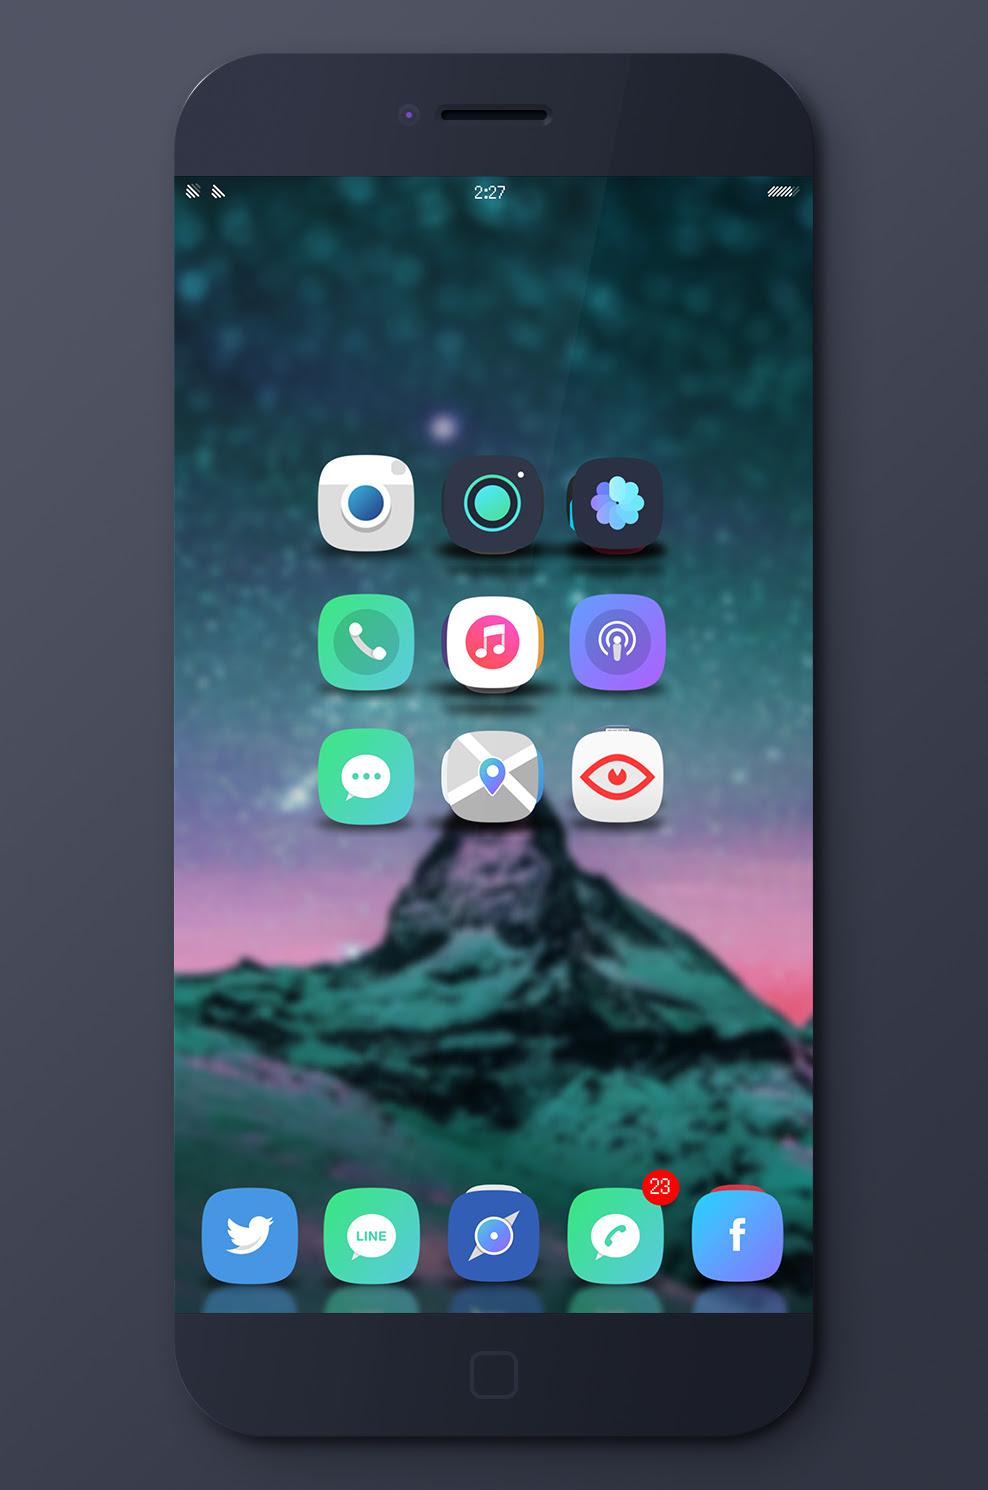 [Hướng dẫn] cài đặt bộ Theme Andromeda cho iOS 8 [Hướng dẫn] cài đặt bộ Theme Andromeda cho iOS 8 [Hướng dẫn] cài đặt bộ Theme Andromeda cho iOS 8 [Hướng dẫn] cài đặt bộ Theme Andromeda cho iOS 8 [Hướng dẫn] cài đặt bộ Theme Andromeda cho iOS 8 [Hướng dẫn] cài đặt bộ Theme Andromeda cho iOS 8